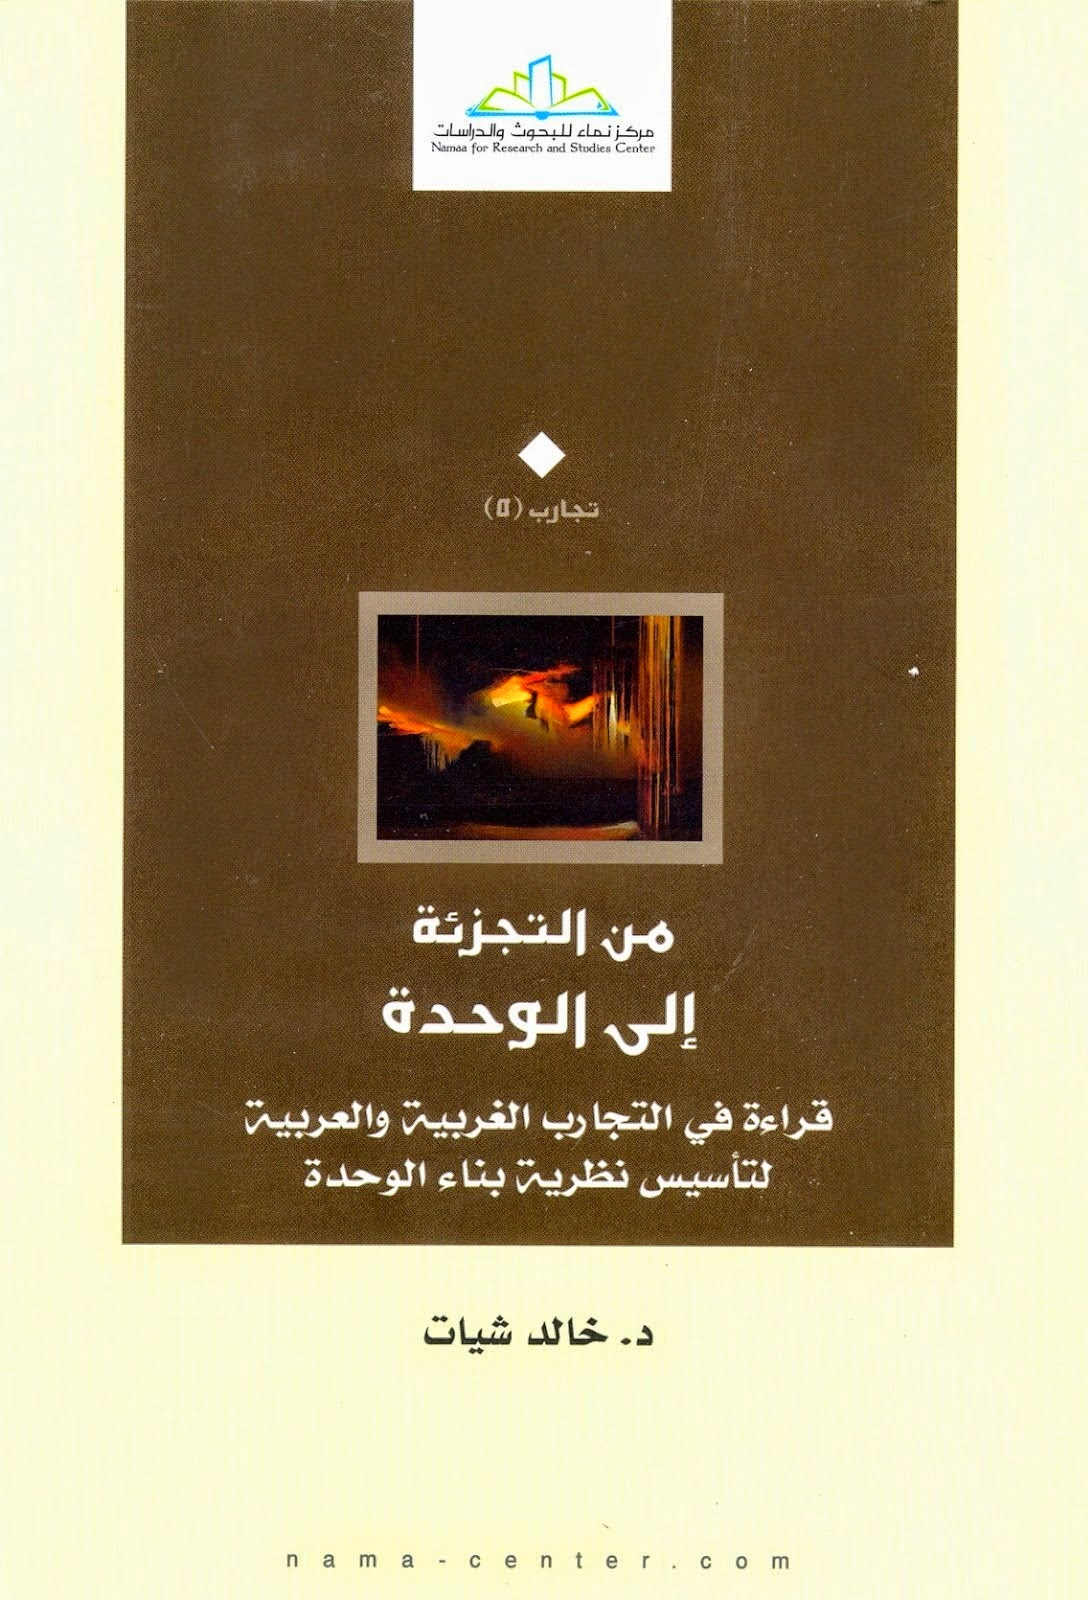 من التجزئة إلى الوحدة: قراءة في التجارب الغربية والعربية لتأسيس نظرية بناء الوحدة - خالد شيات pdf